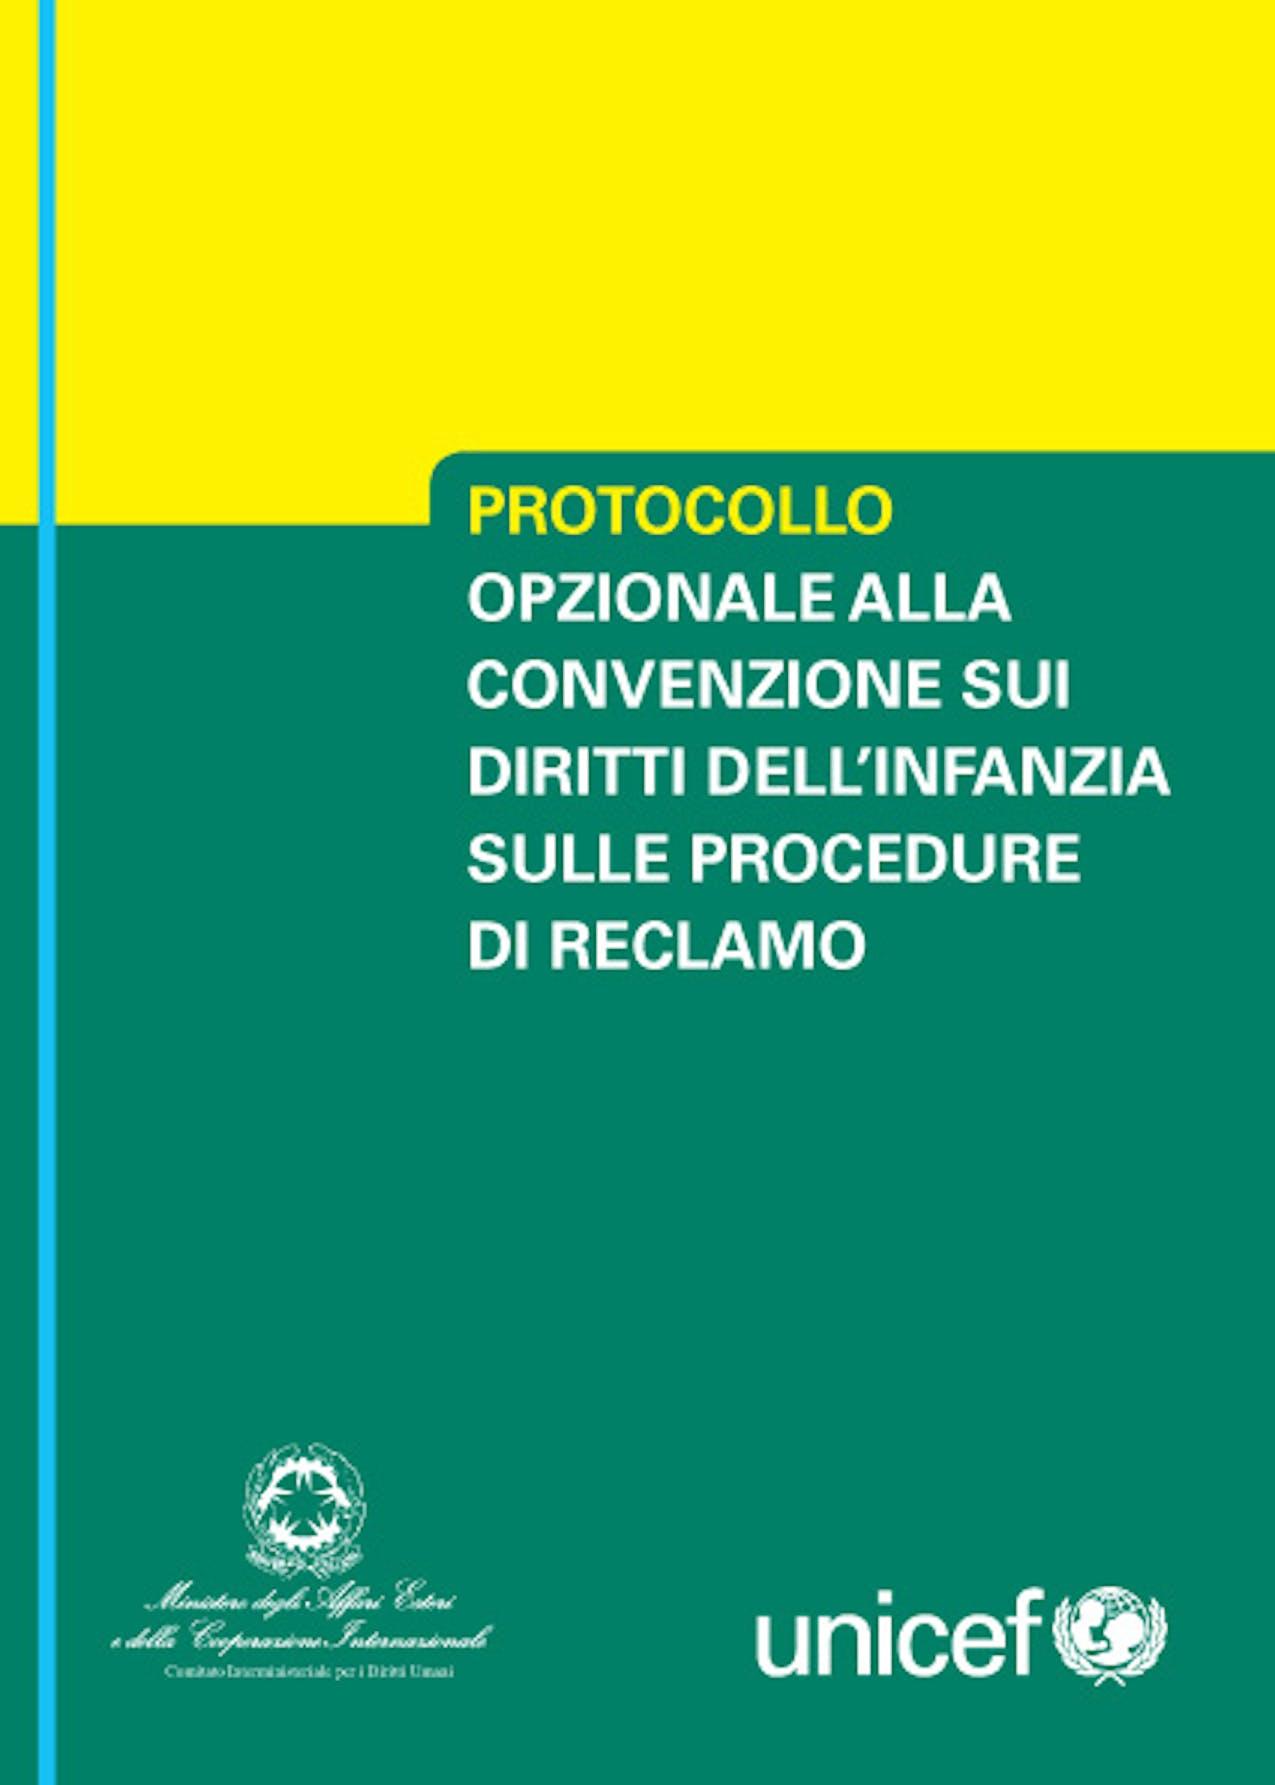 Protocollo opzionale alla Convenzione sui diritti dell'infanzia sulle procedure di reclamo